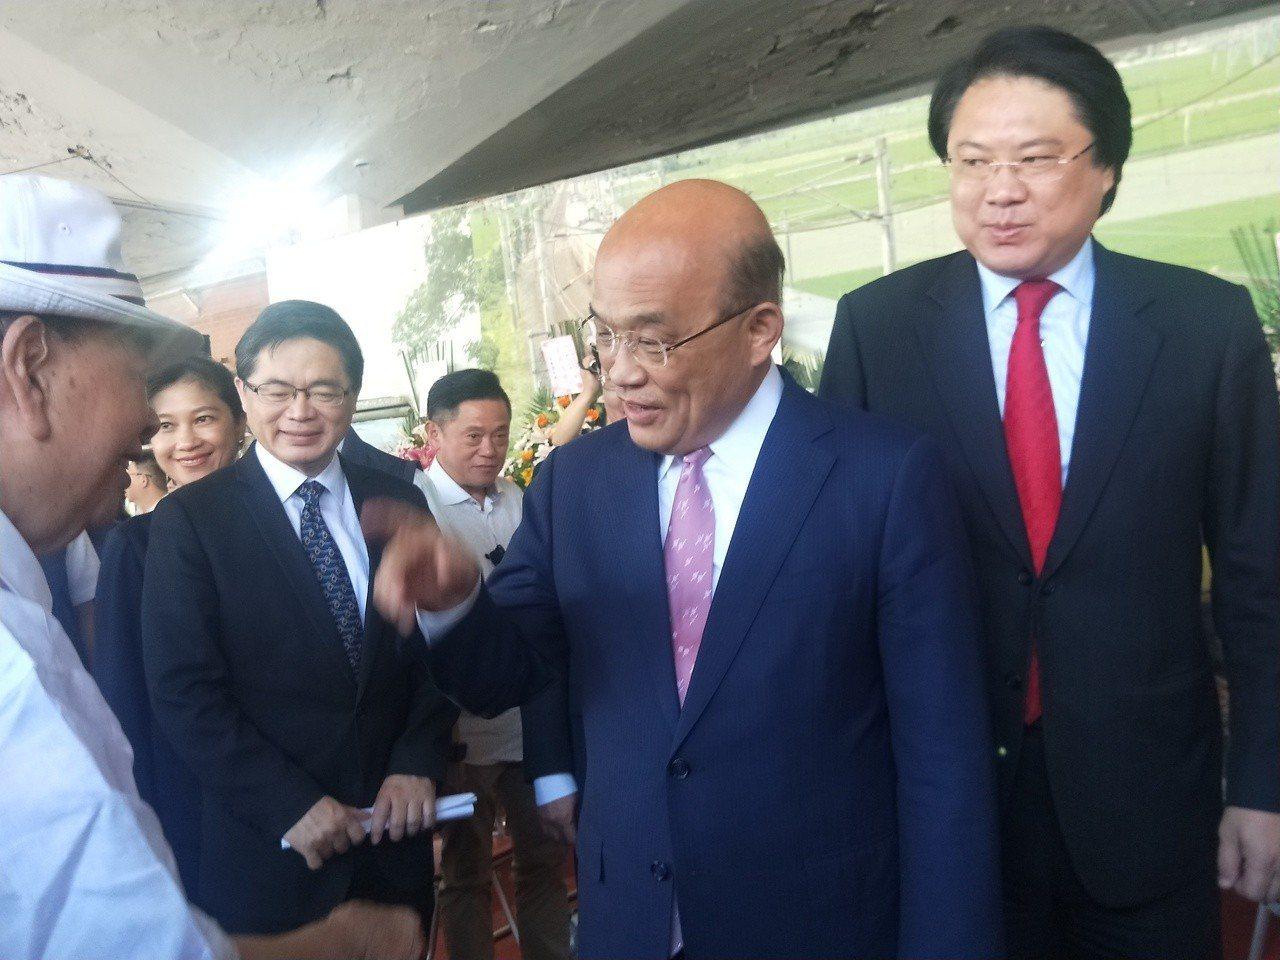 蘇揆(右二)酸高雄市長韓國瑜「一隻蚊子都治不好,還整天趴趴走想治國。」 圖/聯合...